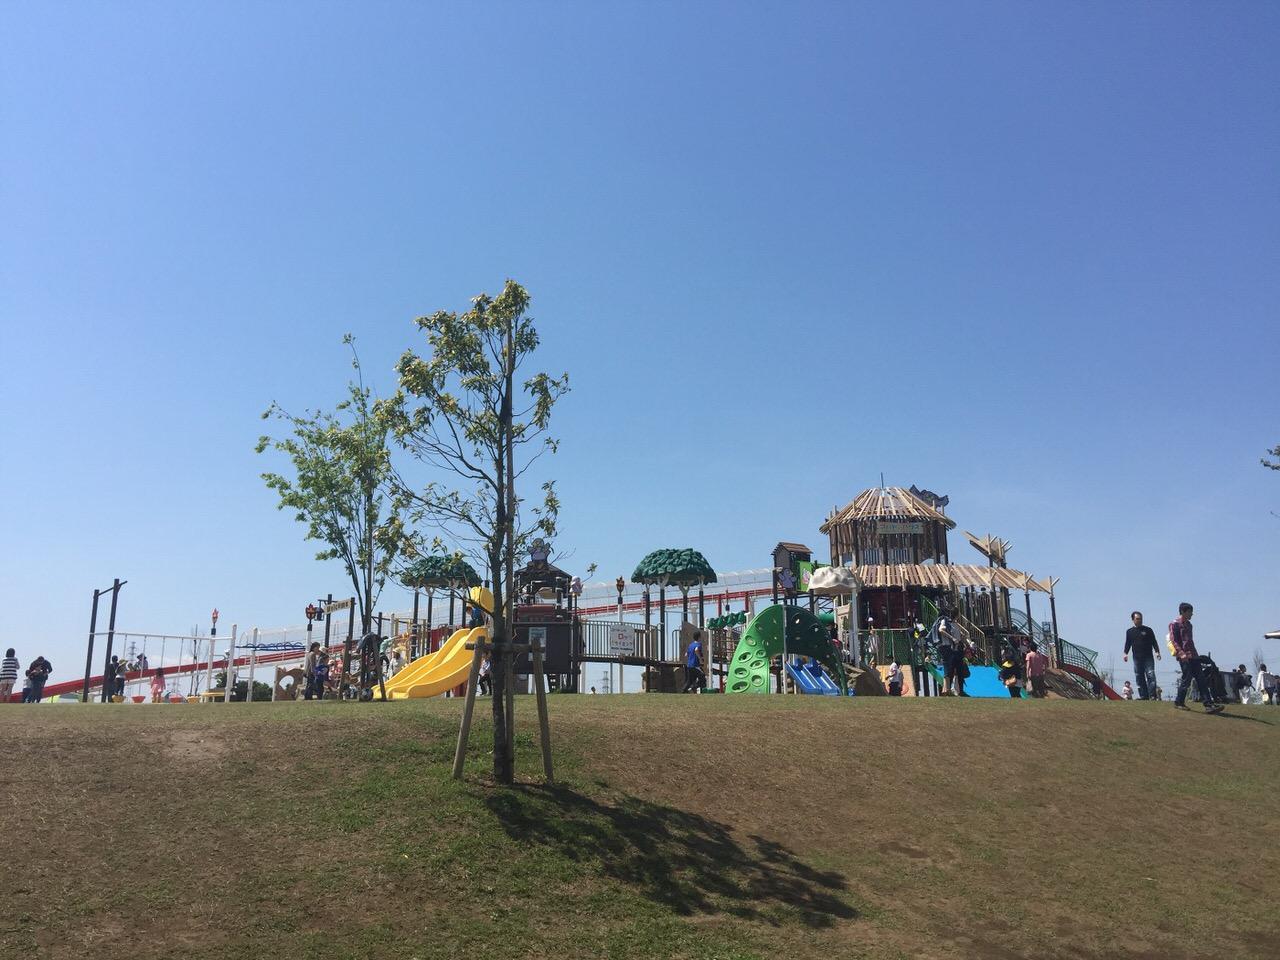 「コバトンアドベンチャー」子供がハッスル!コバトンの森のある複合遊具施設(アクセス・駐車場の情報あり)